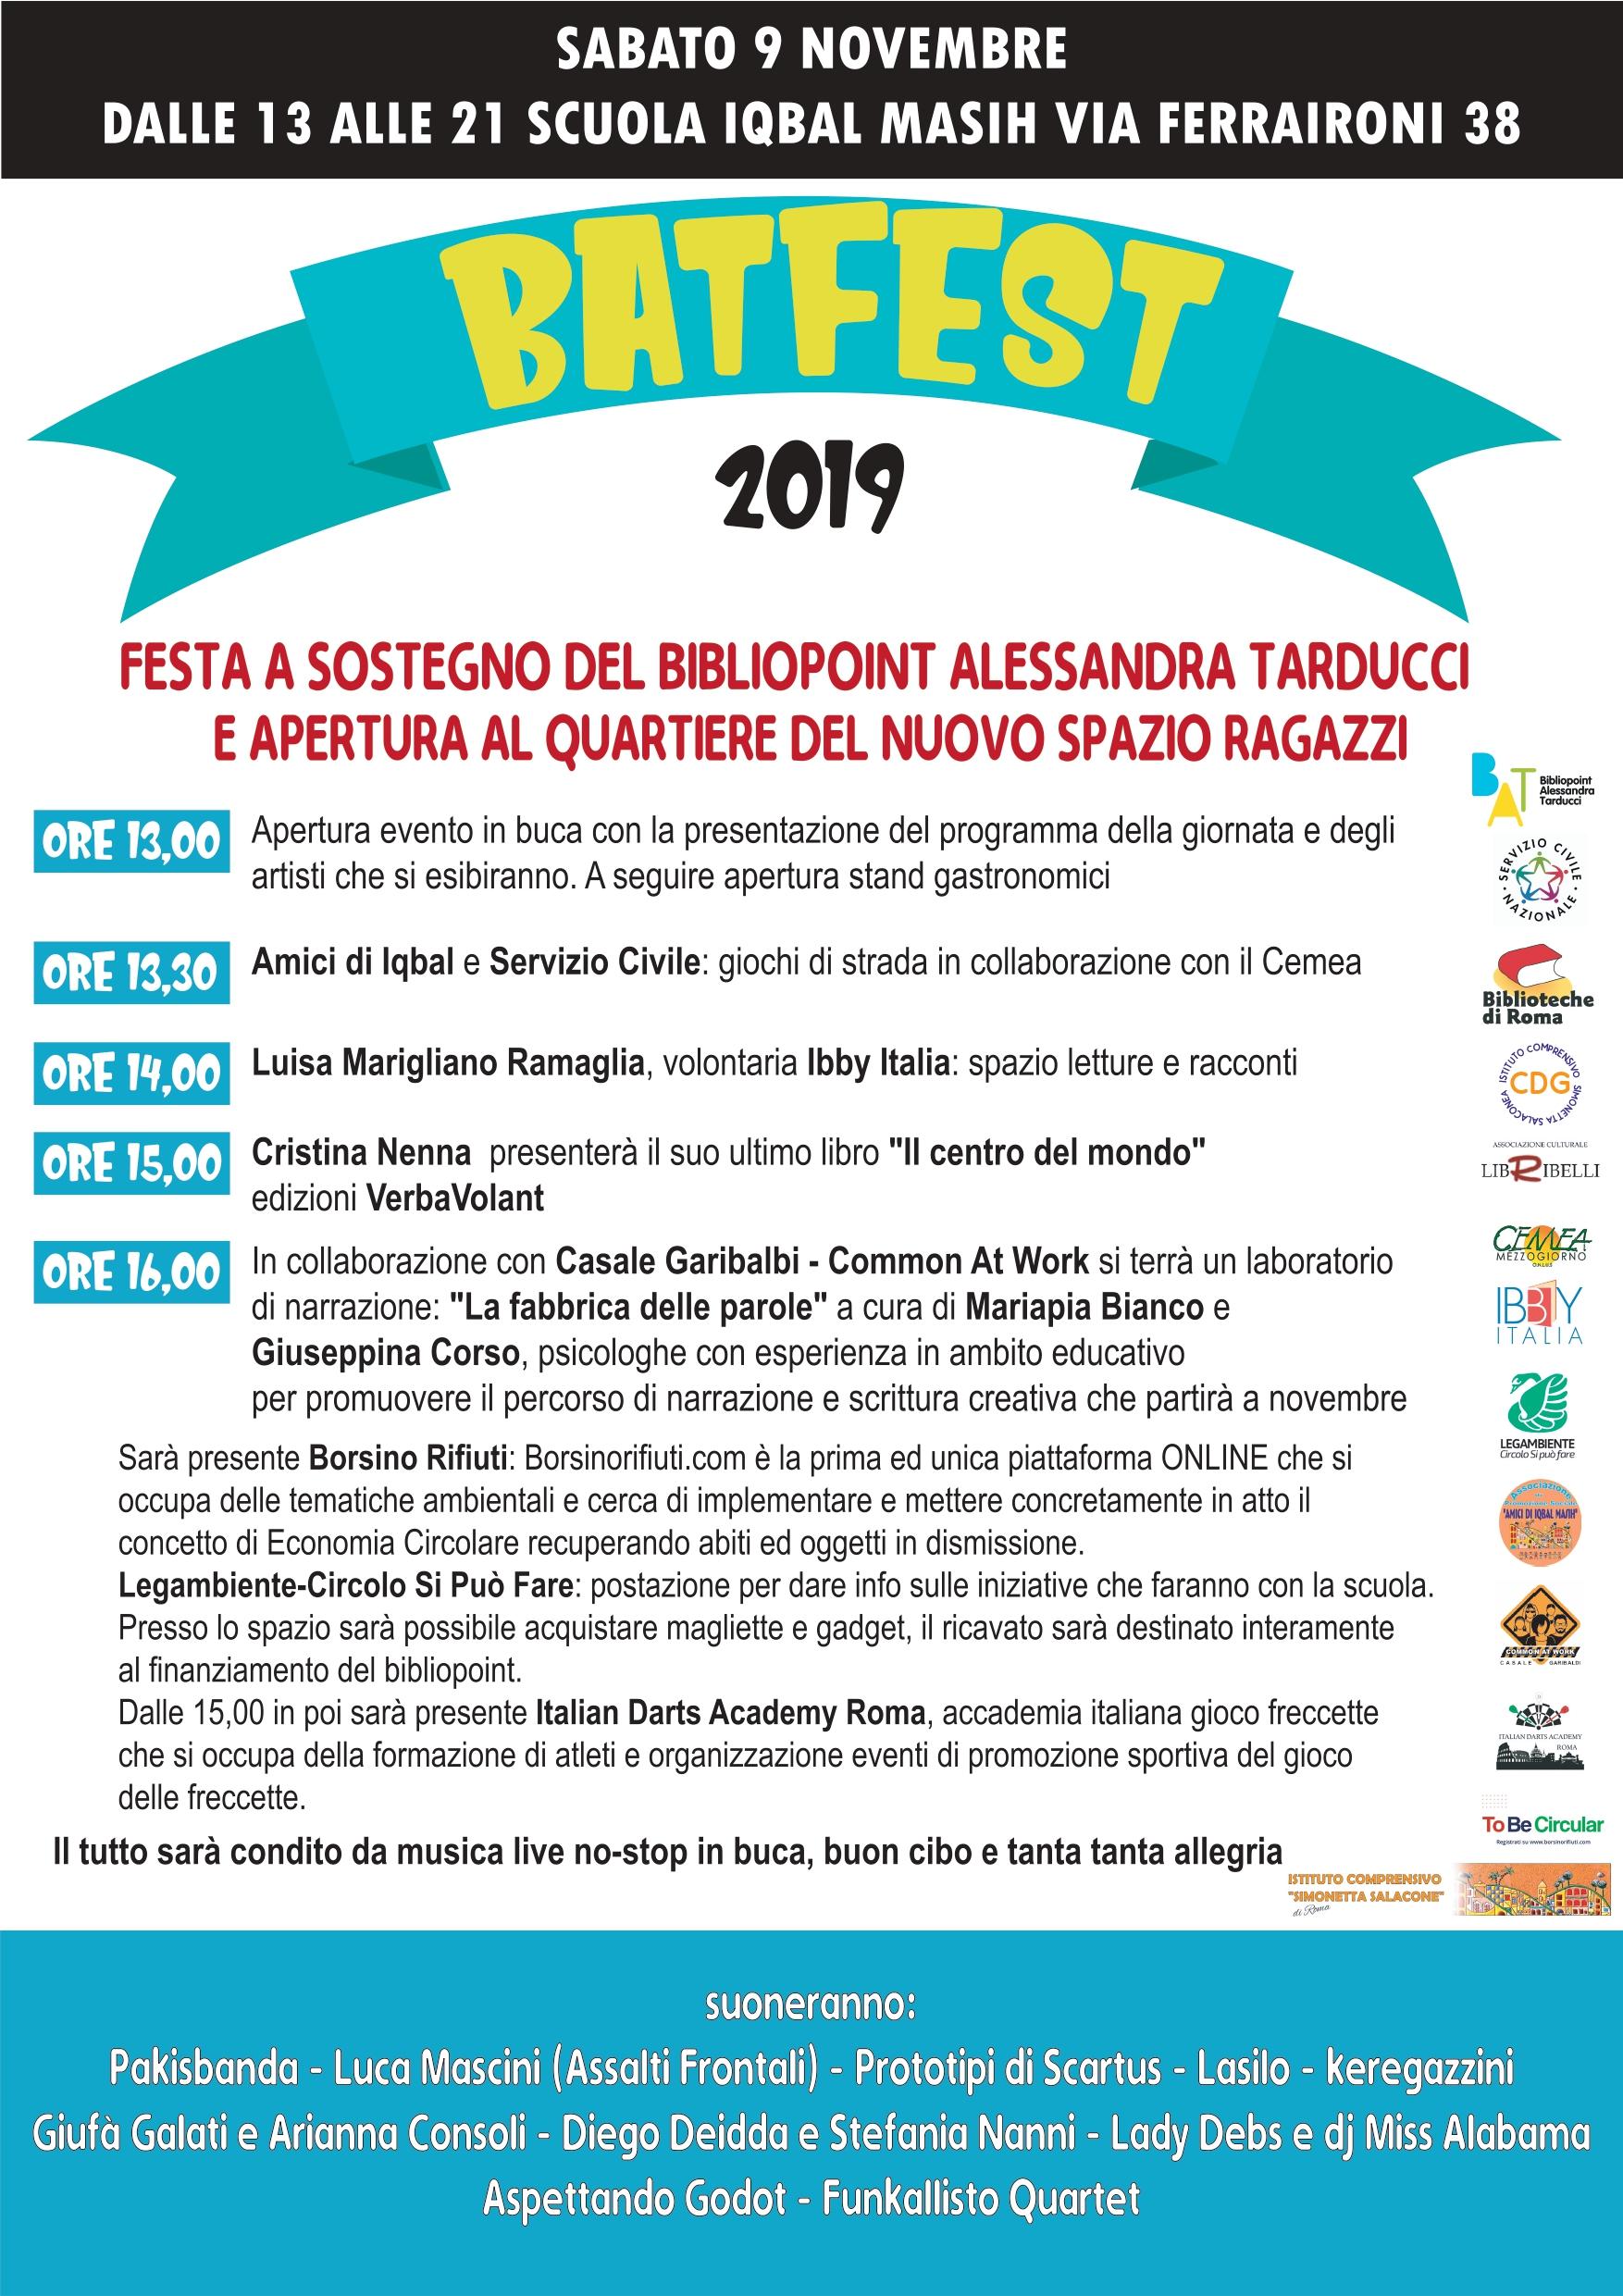 BatFest: il Bibliopoint Alessandro Tarducci inaugura un nuovo spazio per i ragazzi